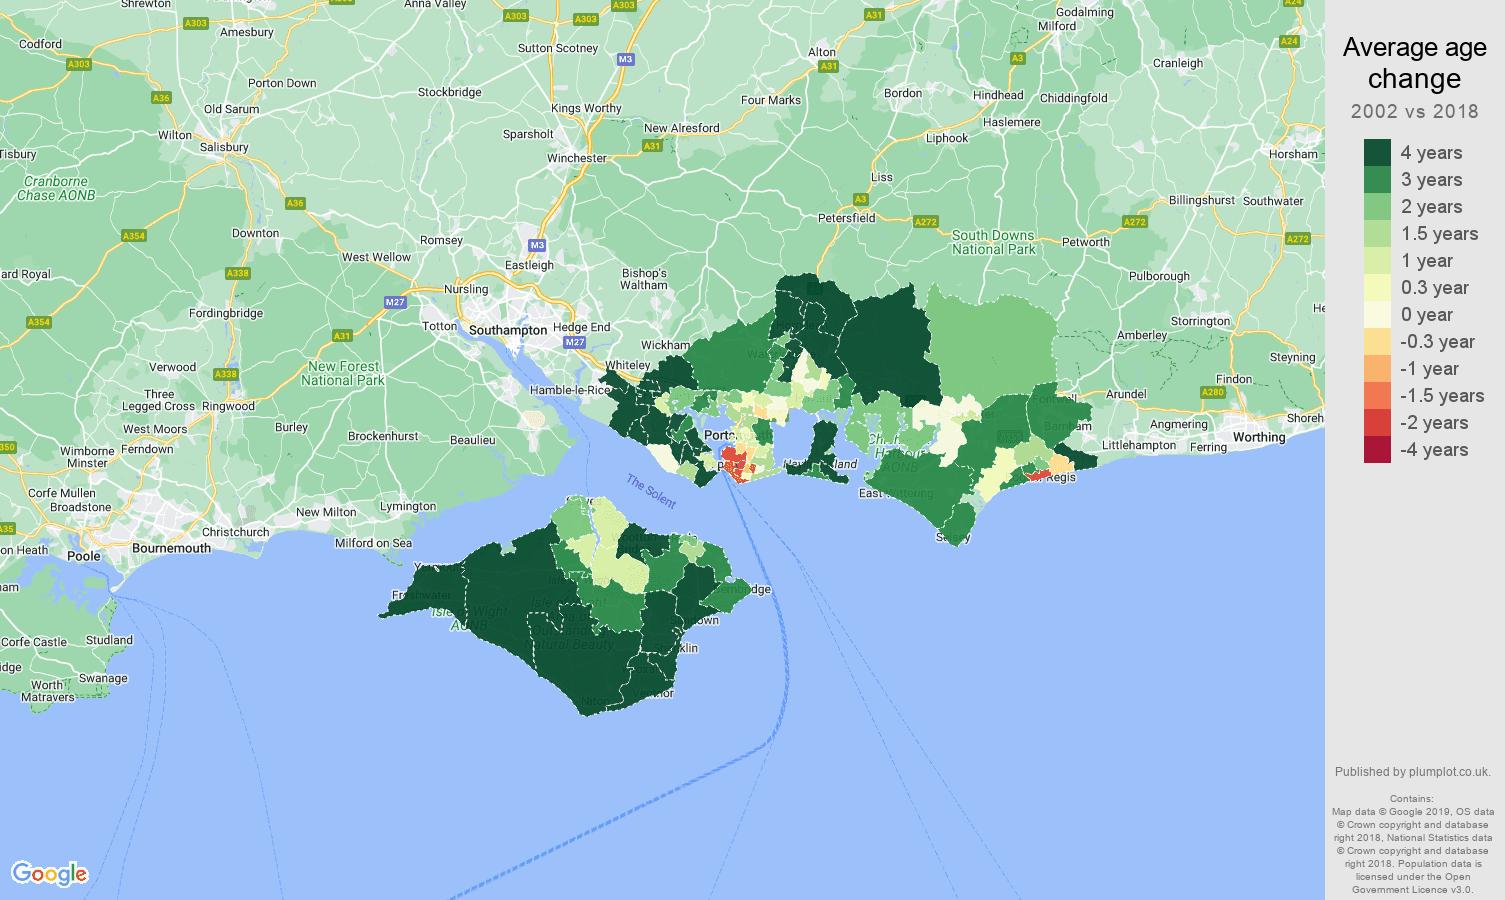 Portsmouth average age change map